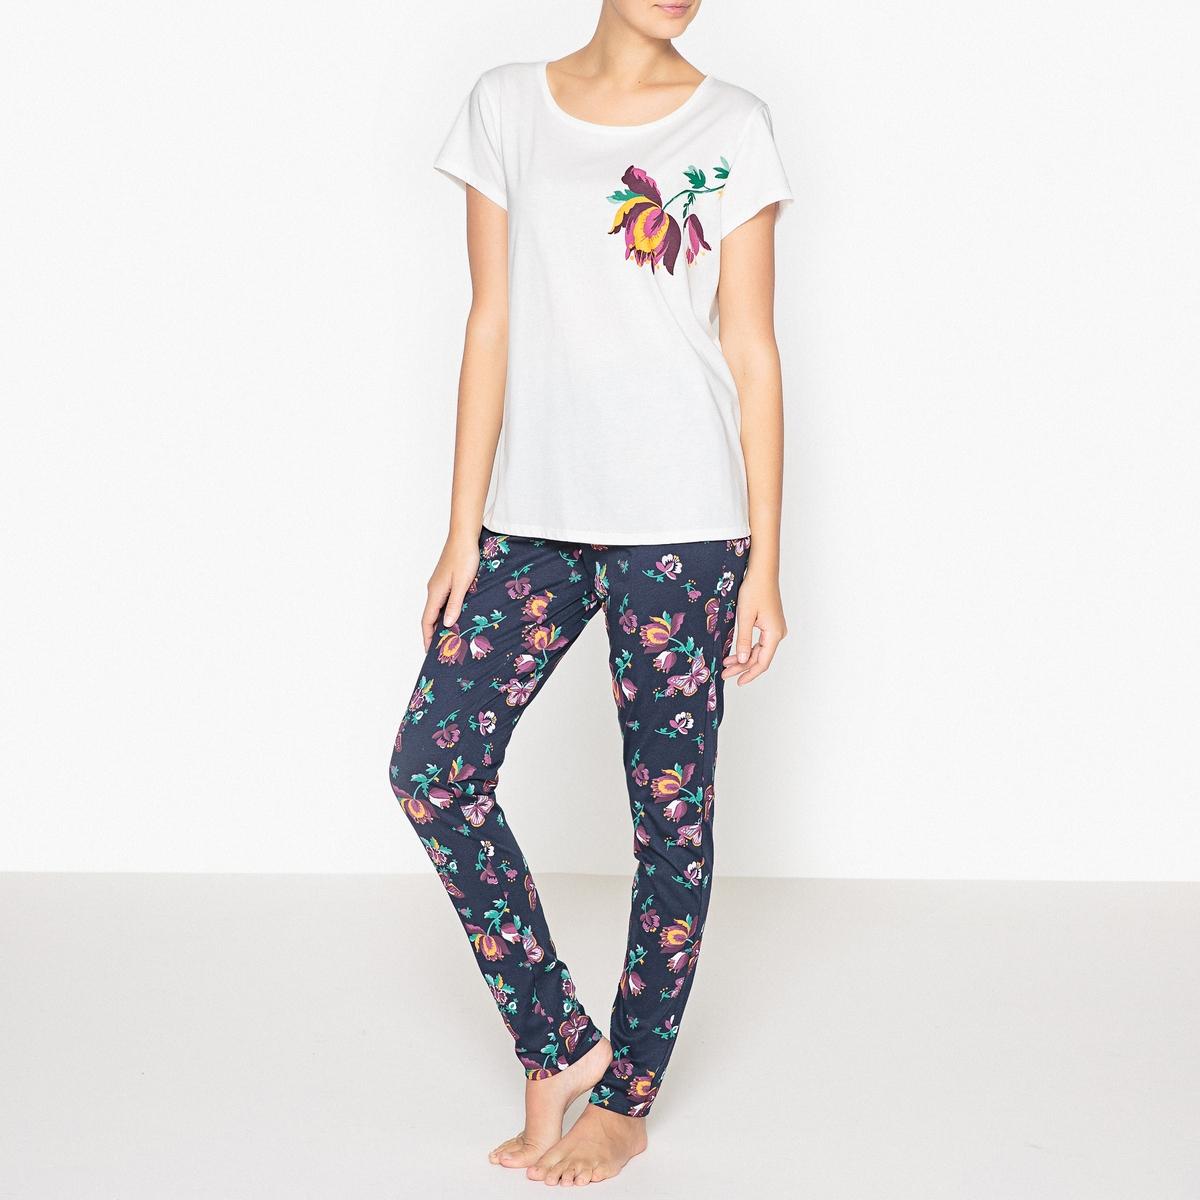 Пижама хлопковая с цветочным рисункомОписание:Пижама с короткими рукавами. Очень женственная пижама с красивым цветочным рисунком.Детали   •  Верх: рисунок  •  Круглый вырез.  •  Низ: эластичный пояс, присборенный низ брючин. •  Длина : топ  64 см, по внутреннему шву брюк: 76 смСостав и уход •  Материал : 100% хлопок •  Стирать при температуре 30° •  Стирать с похожими цветами. •  Стирать, сушить и гладить с изнаночной стороны.<br><br>Цвет: цветочный рисунок<br>Размер: 34/36 (FR) - 40/42 (RUS).46/48 (FR) - 52/54 (RUS).42/44 (FR) - 48/50 (RUS).38/40 (FR) - 44/46 (RUS)